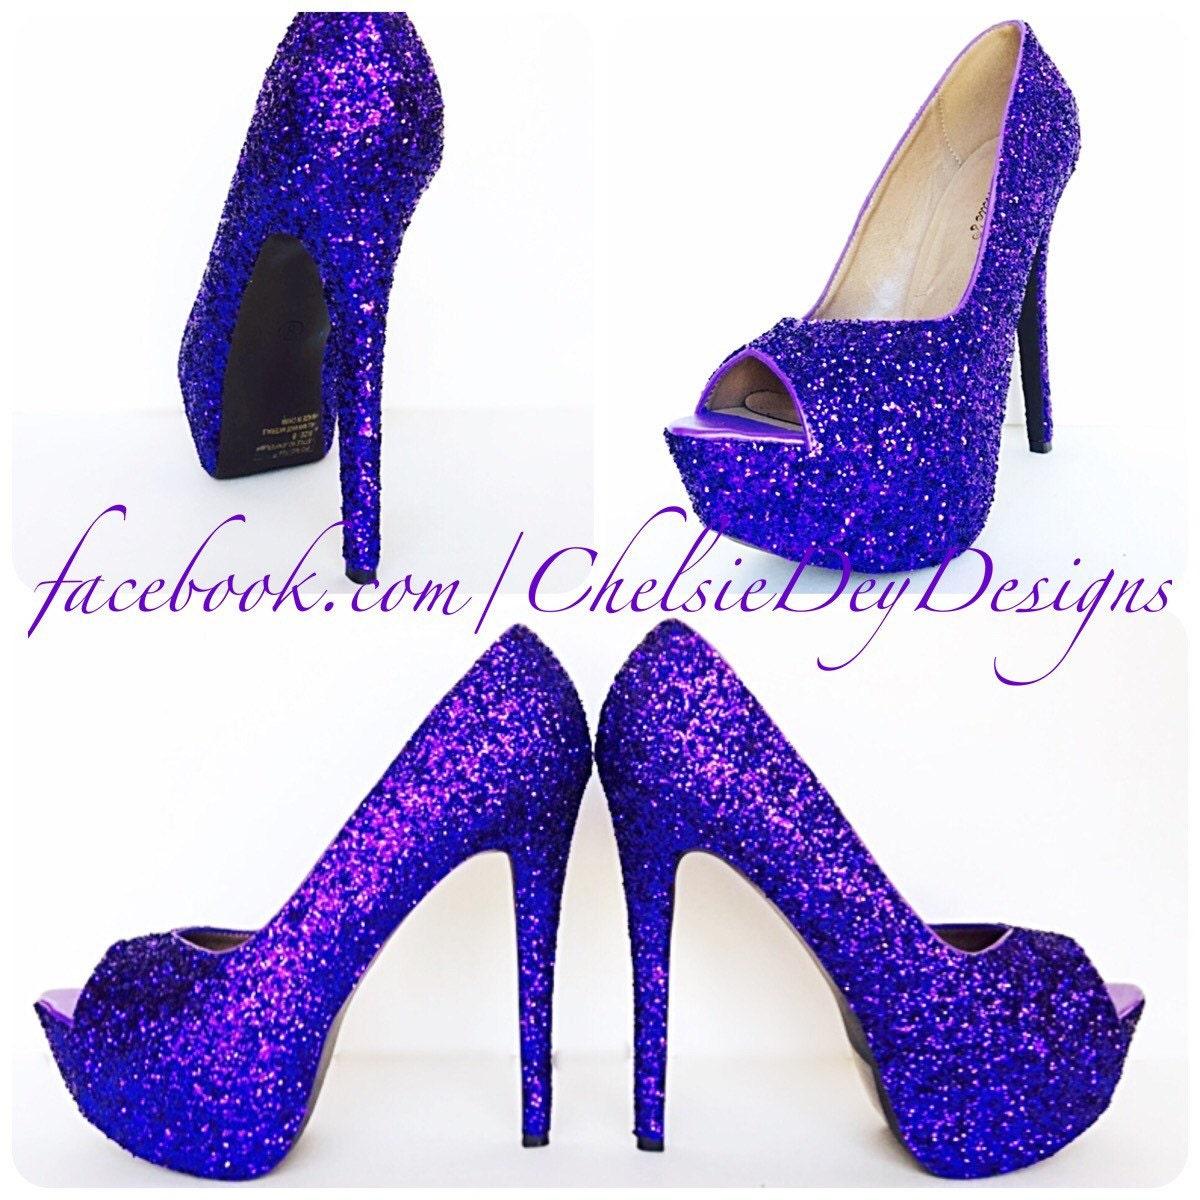 Purple Glitter High Heels - Royal Purple Peep Toe Pumps - Open Toe ...